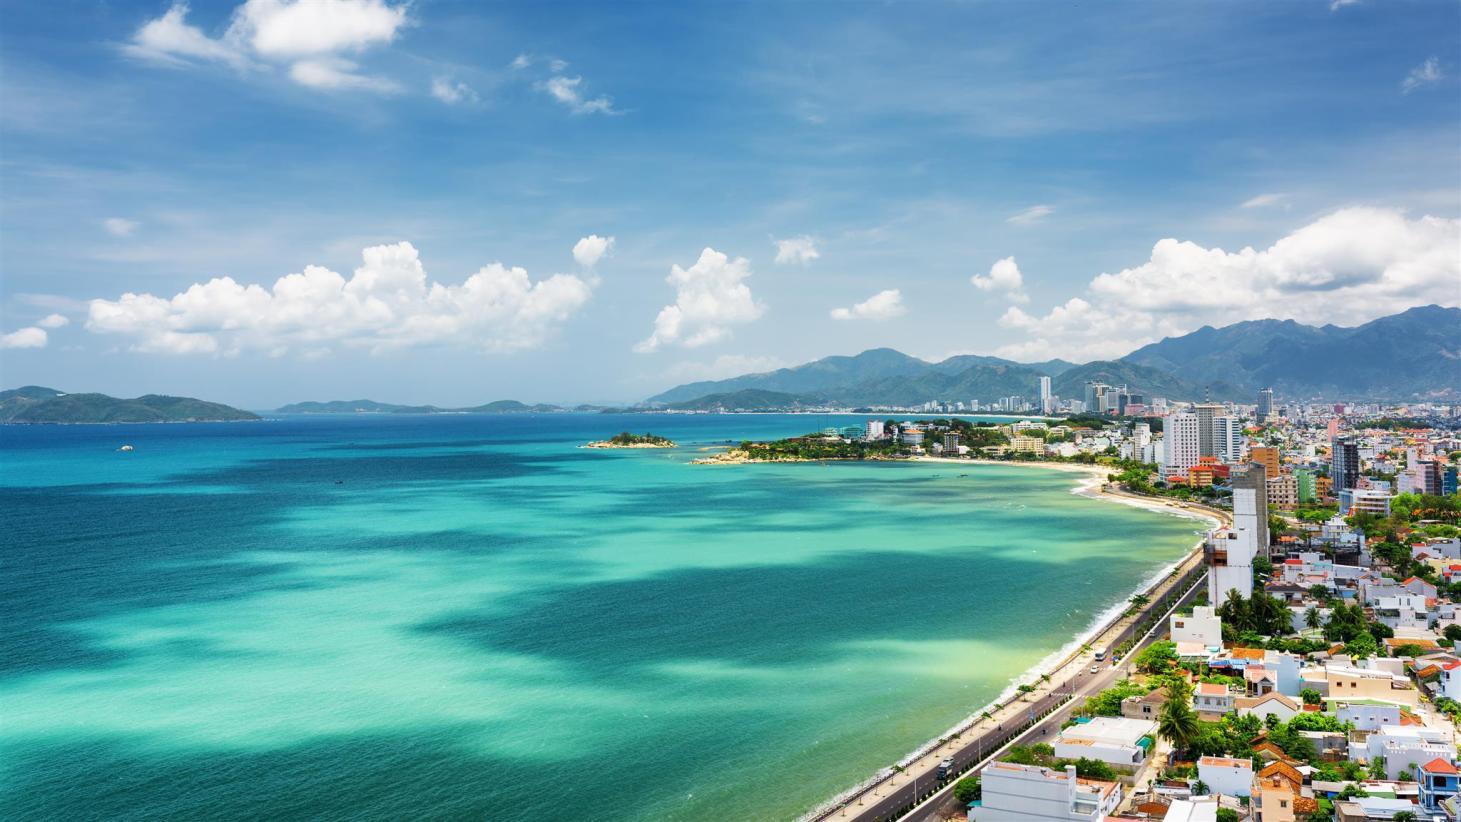 biển nha trang cảnh đẹp thiên nhiên việt nam